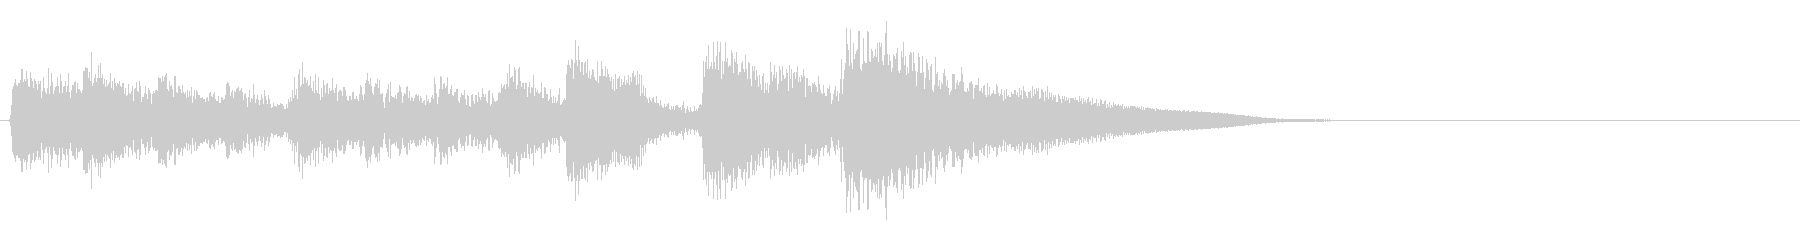 弦楽器ピチカート・上品で可愛いジングルの未再生の波形